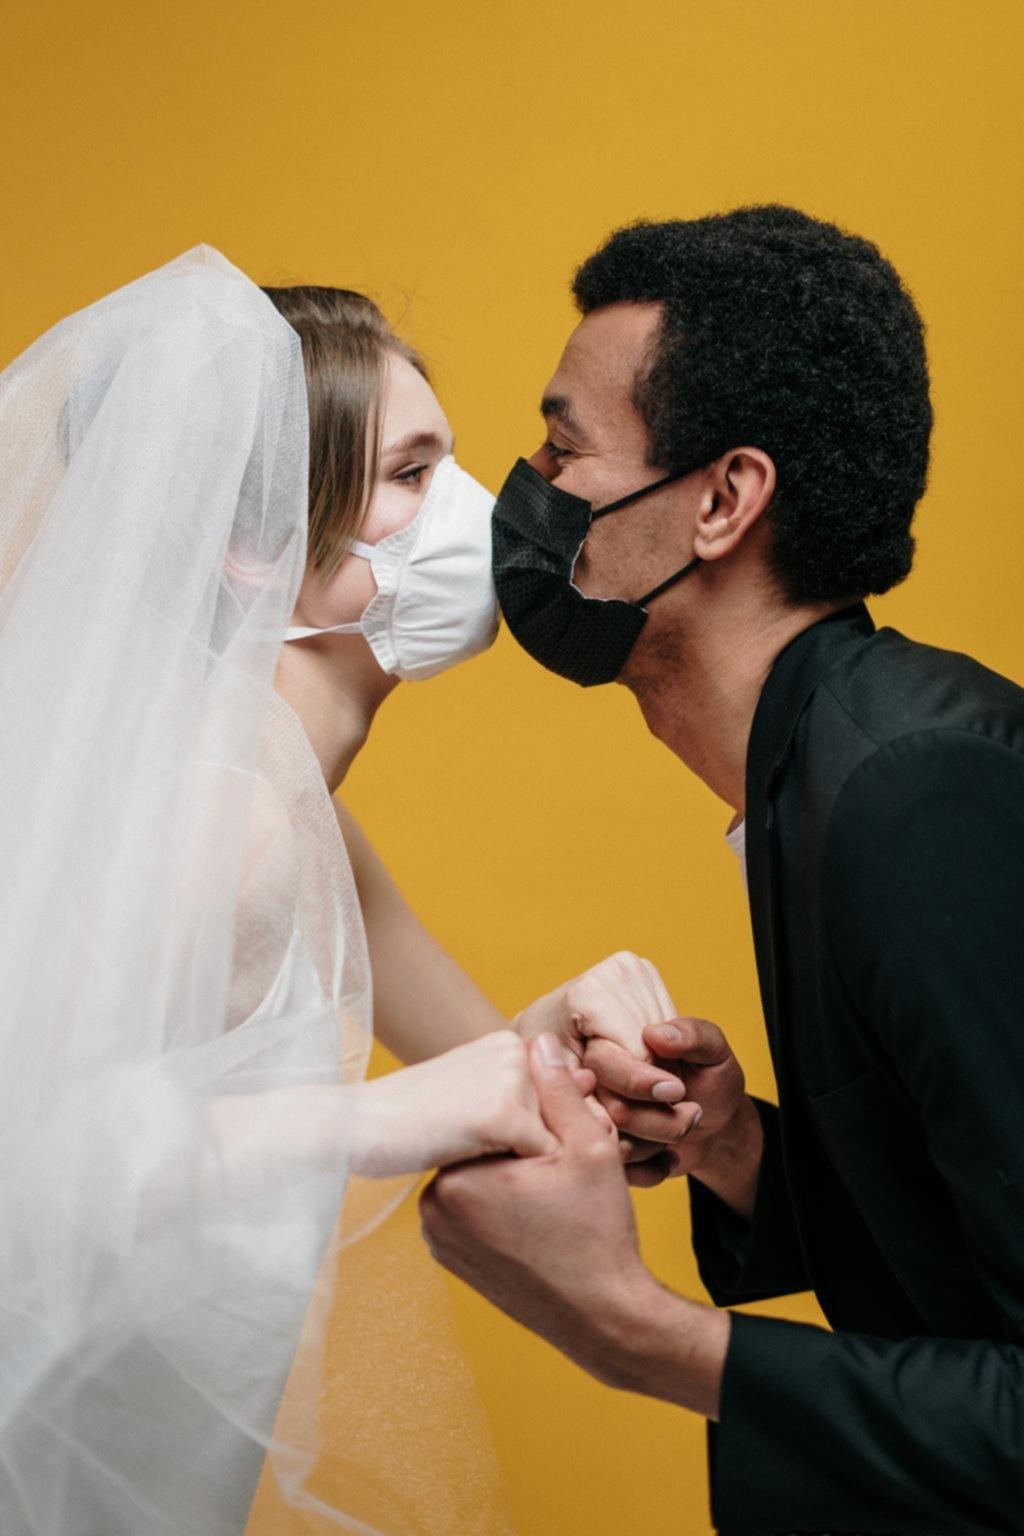 Sexo con barbijo: difunden consejos para tener relaciones en cuarentena